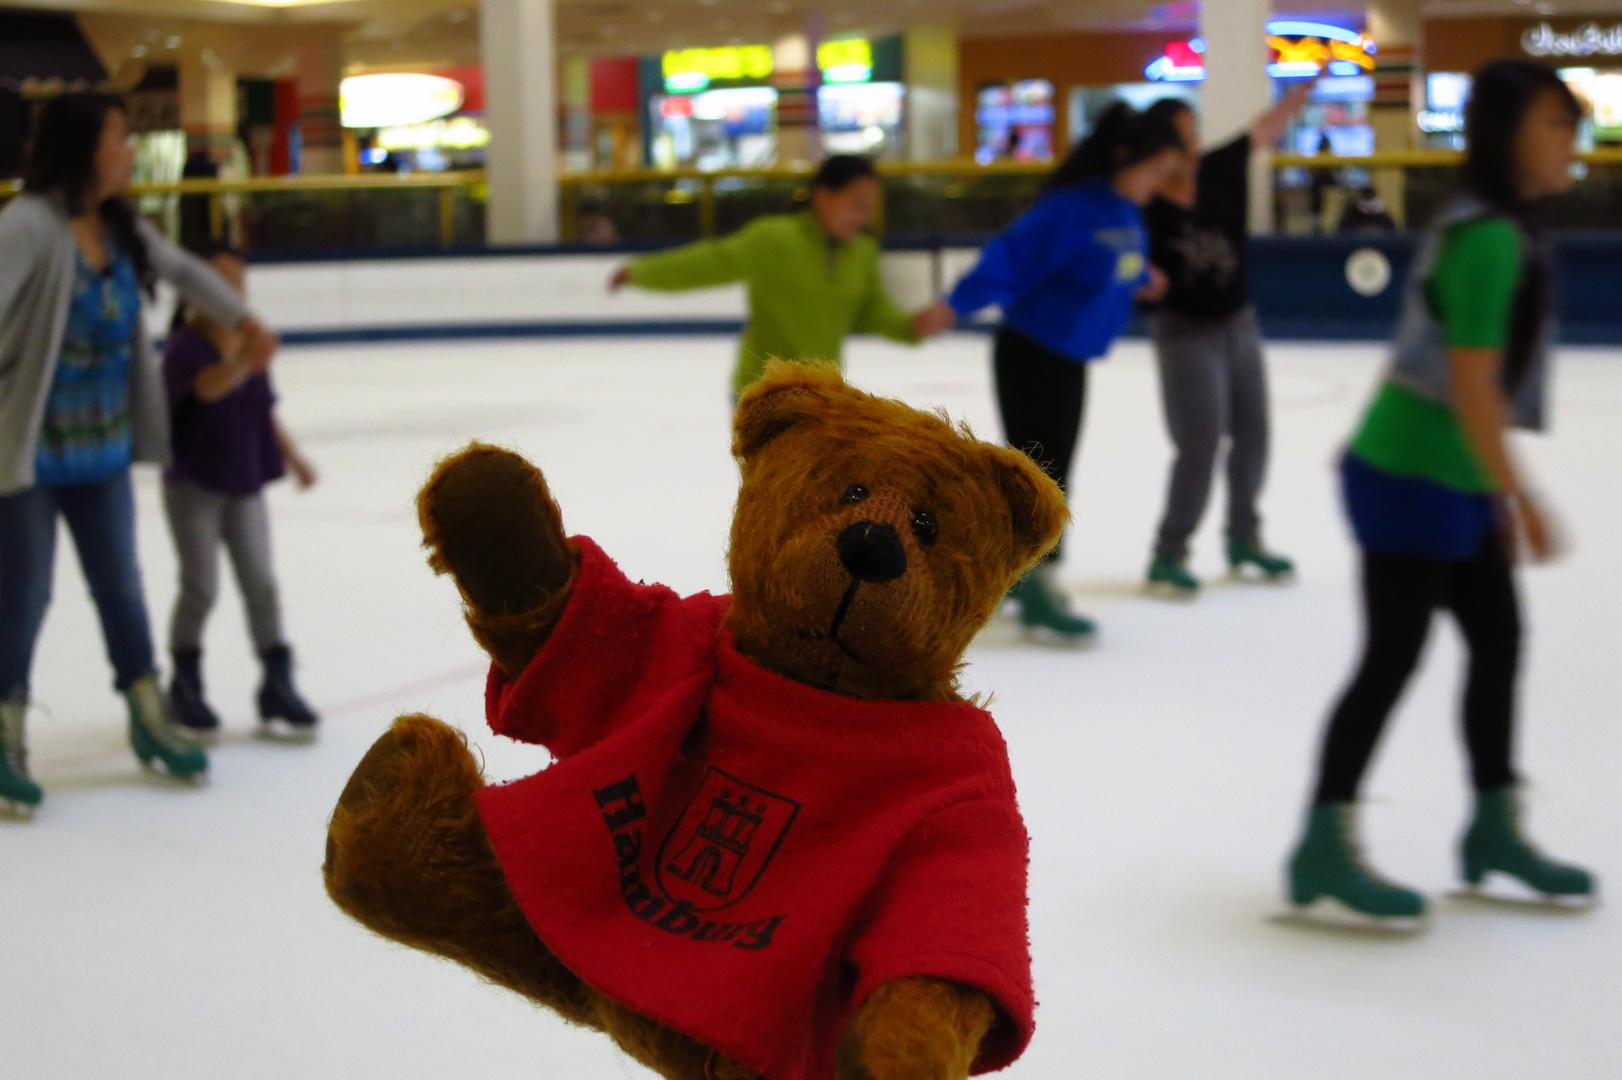 Der Eislaufbär